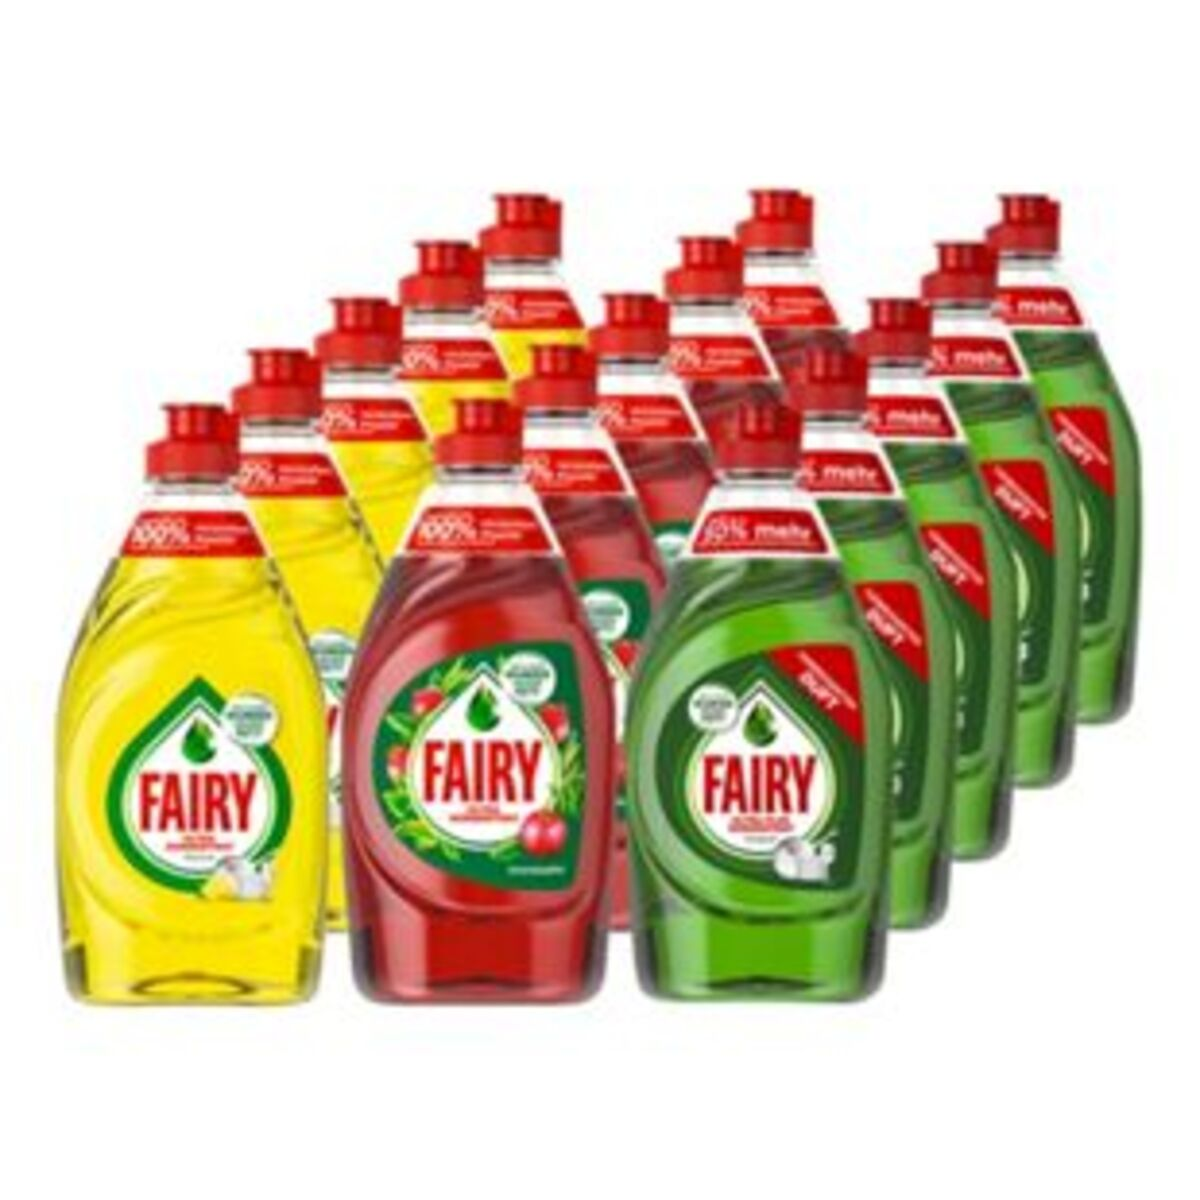 Bild 2 von Fairy Handspülmittel 450 ml, verschiedene Sorten, 15er Pack